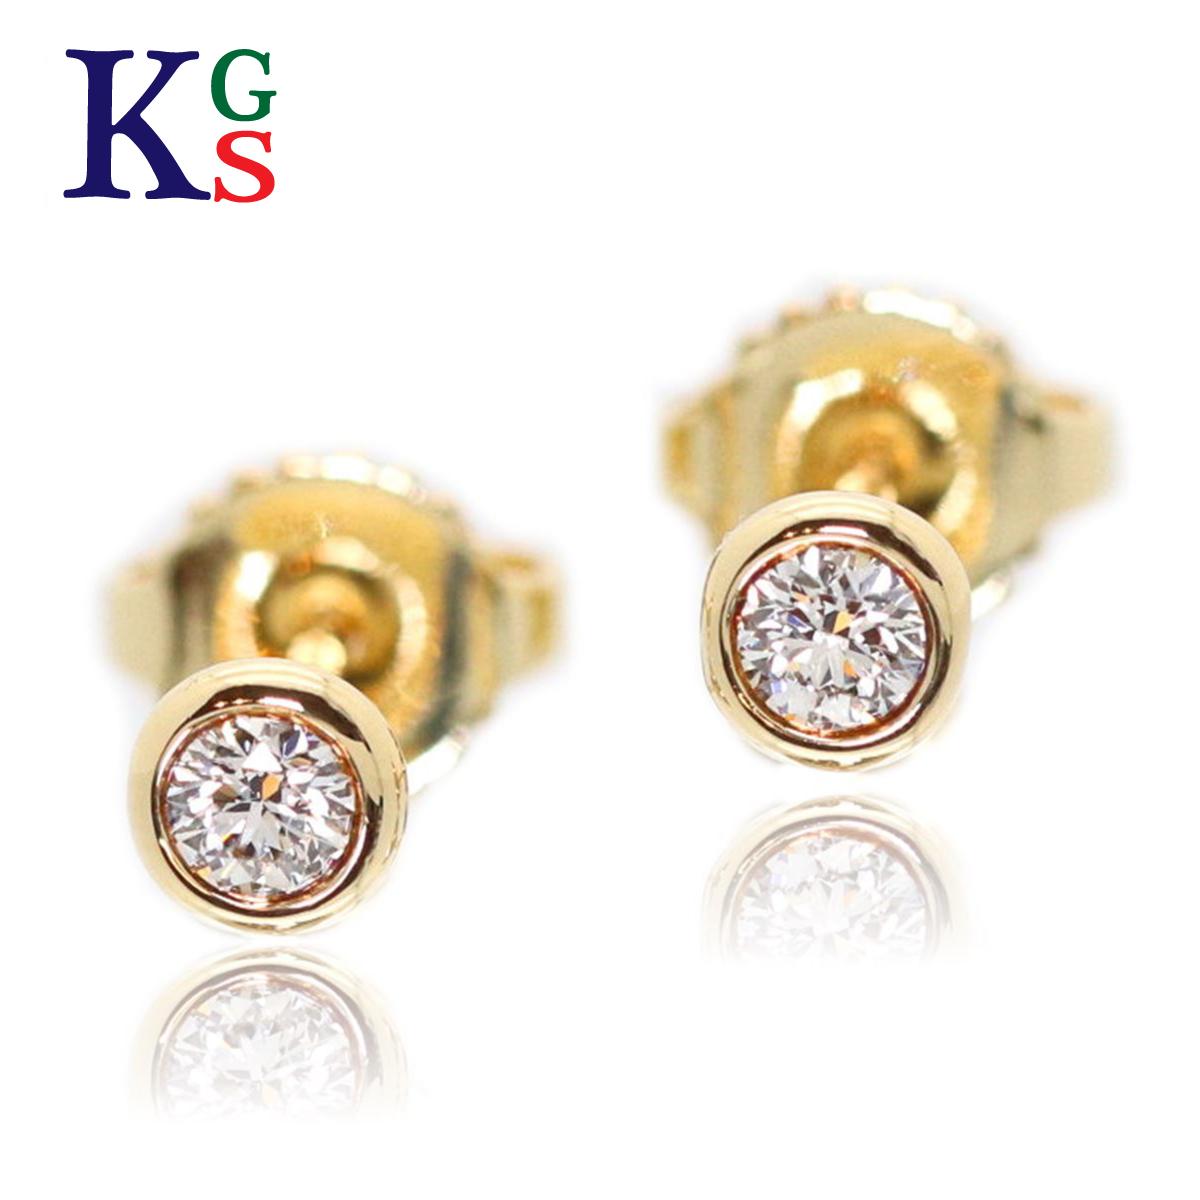 【ギフト品質】ティファニー&コー / Tiffany&Co ピアス レディース ゴールド / バイザヤード ダイヤ 0.10ct / K18YG イエローゴールド